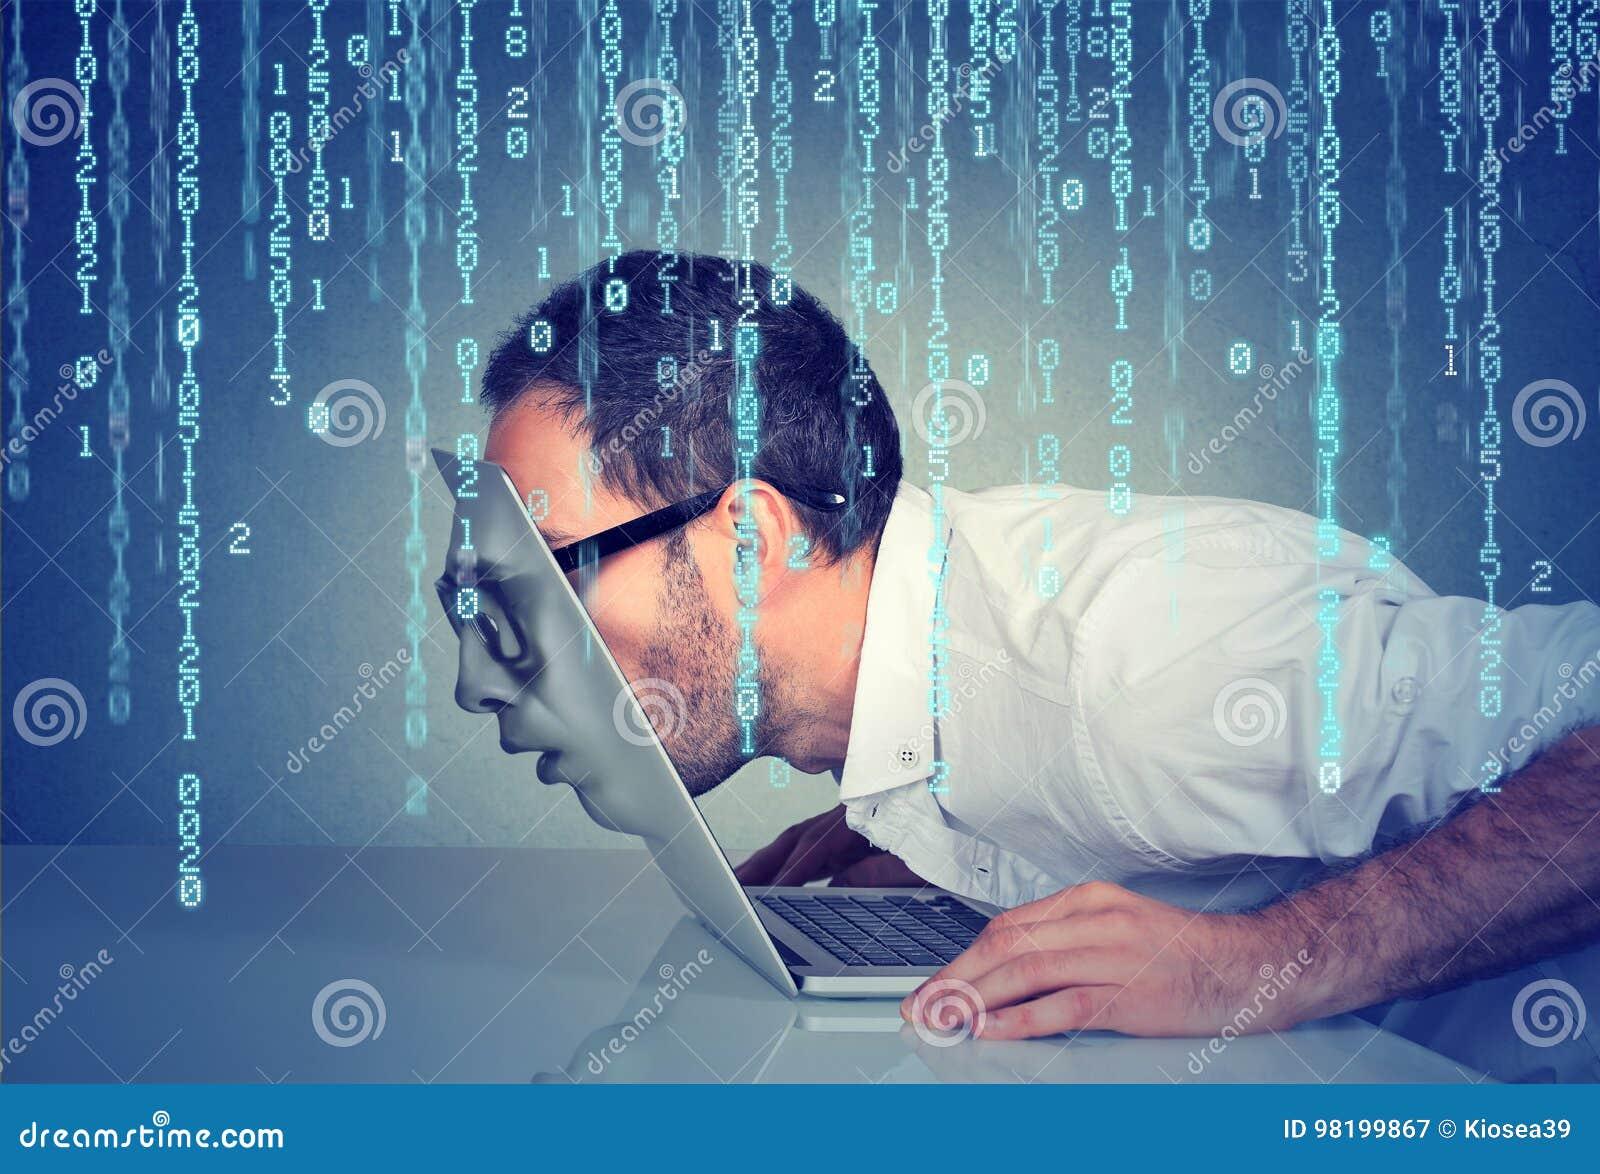 Uomo di affari con il suo fronte che passa tramite lo schermo di un computer portatile sul fondo di codice binario